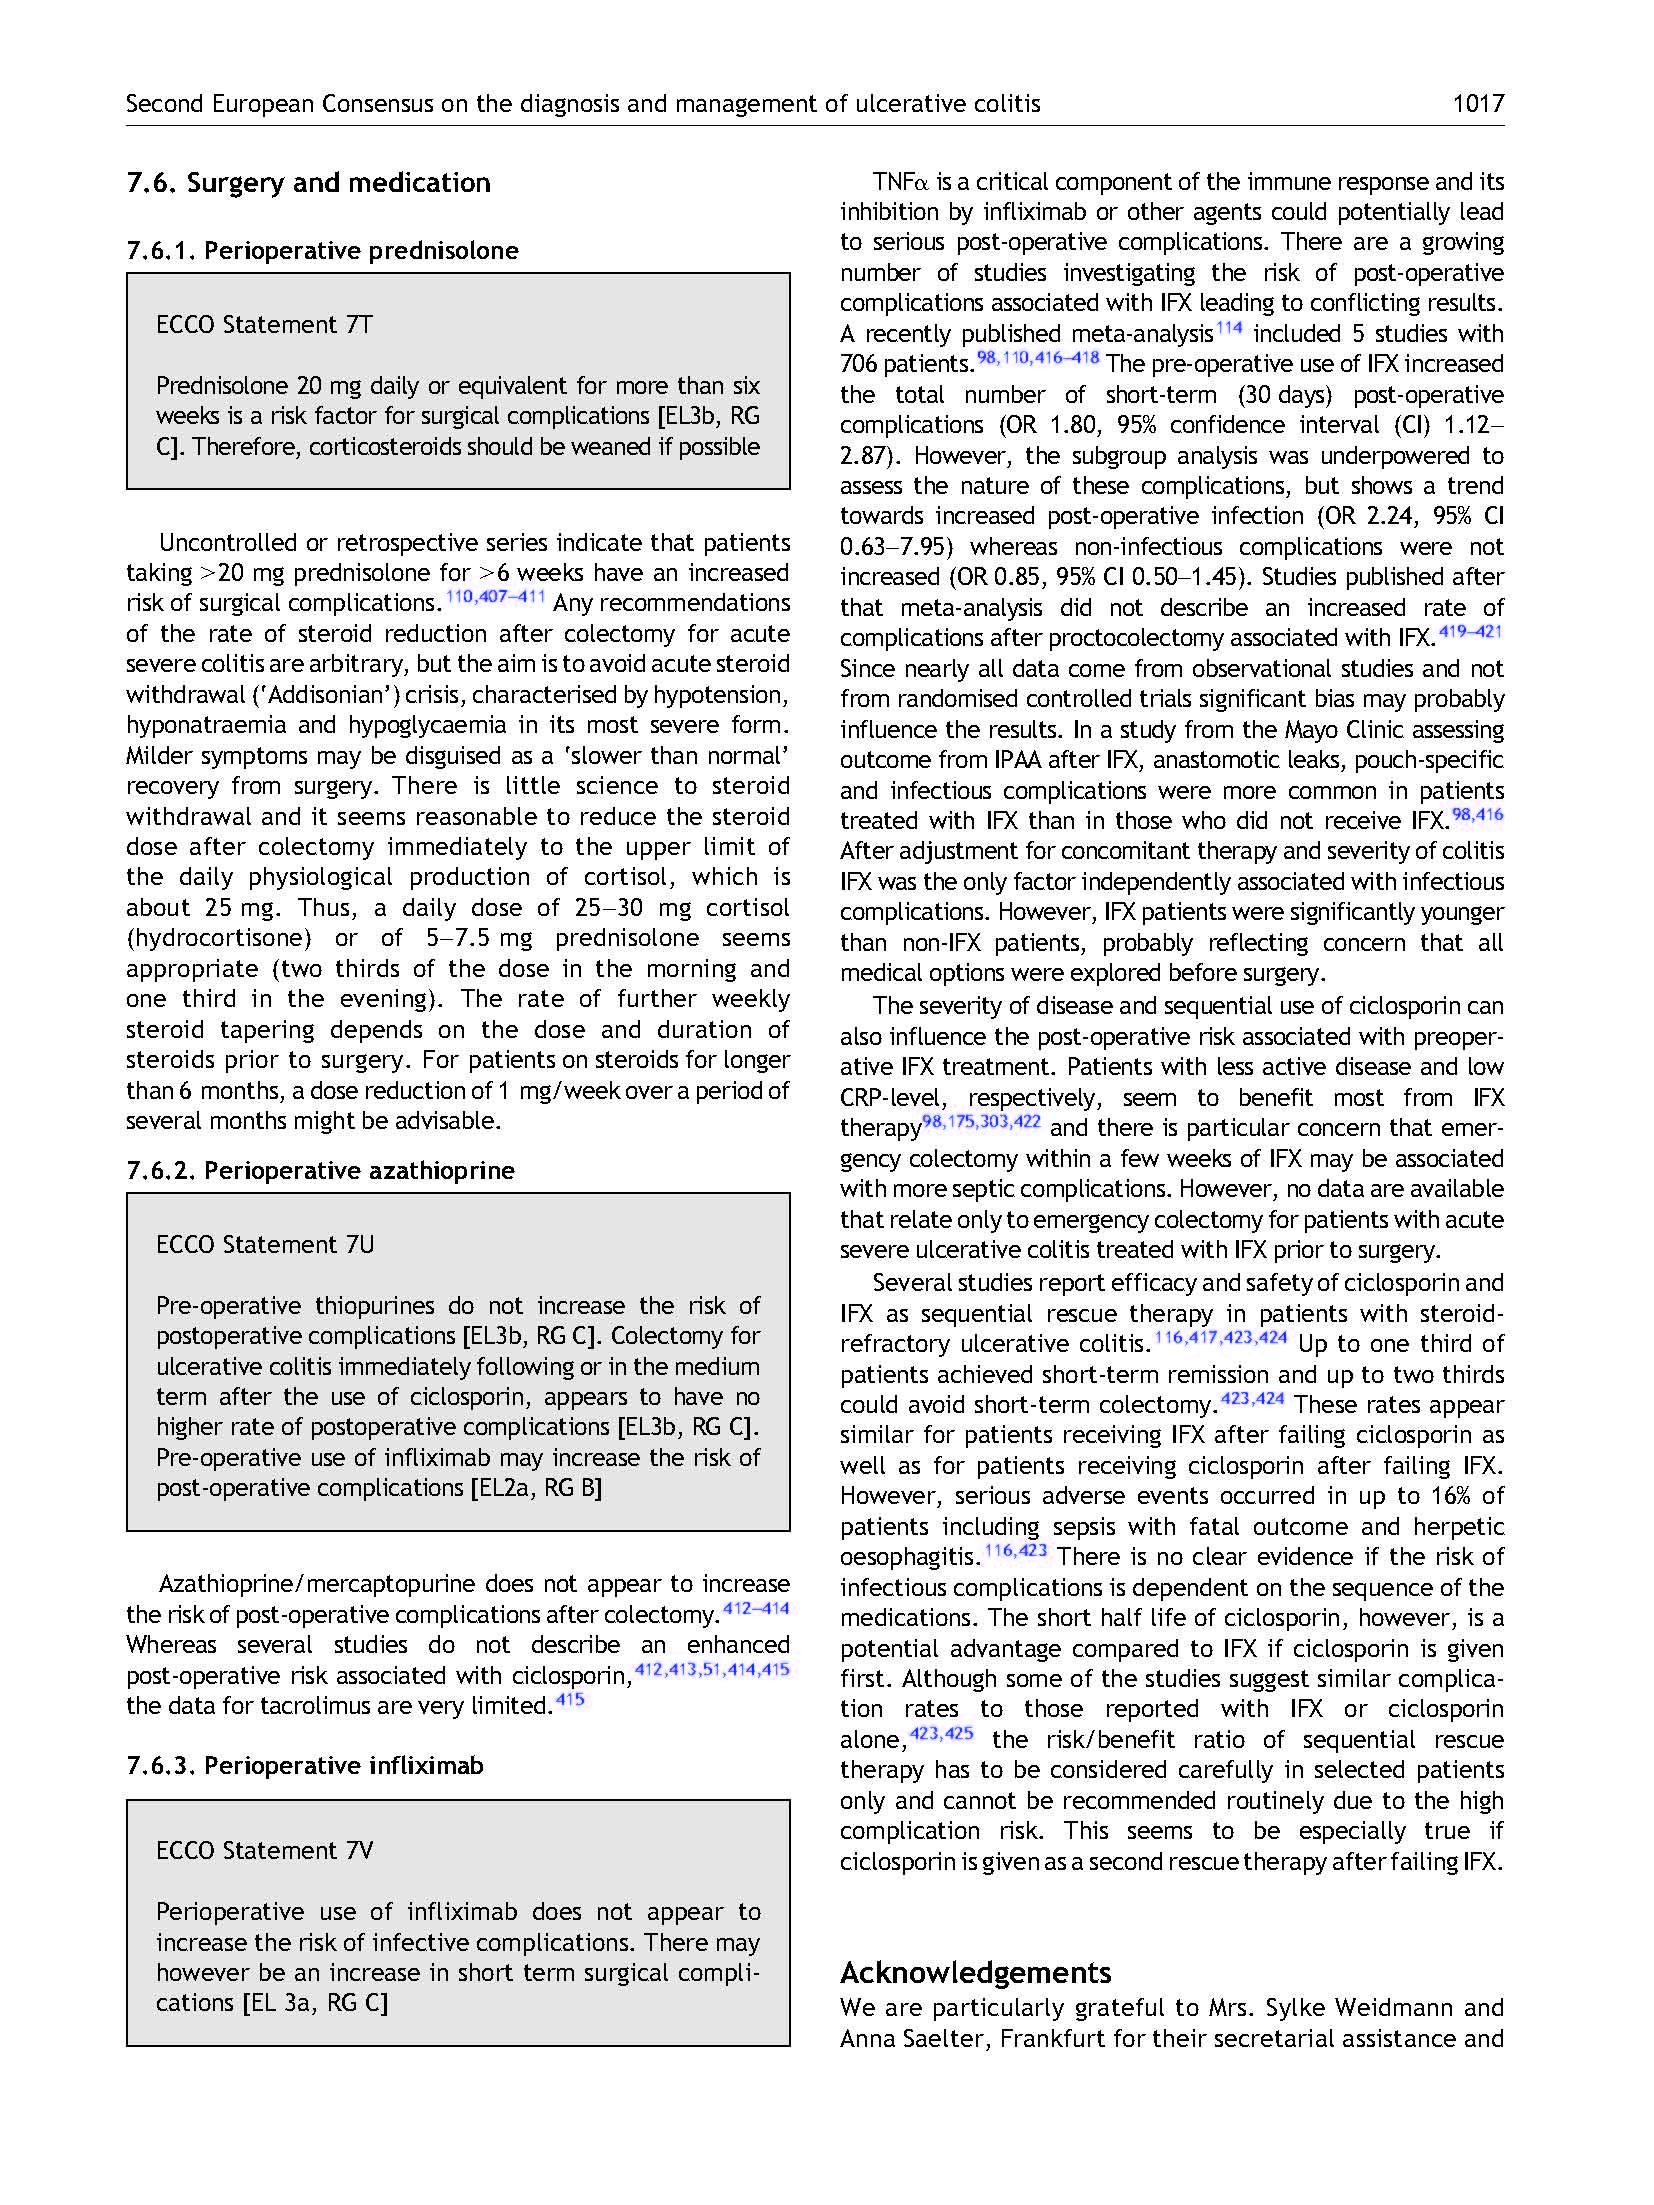 2012-ECCO第二版-欧洲询证共识:溃疡性结肠炎的诊断和处理—日常处理_页面_27.jpg